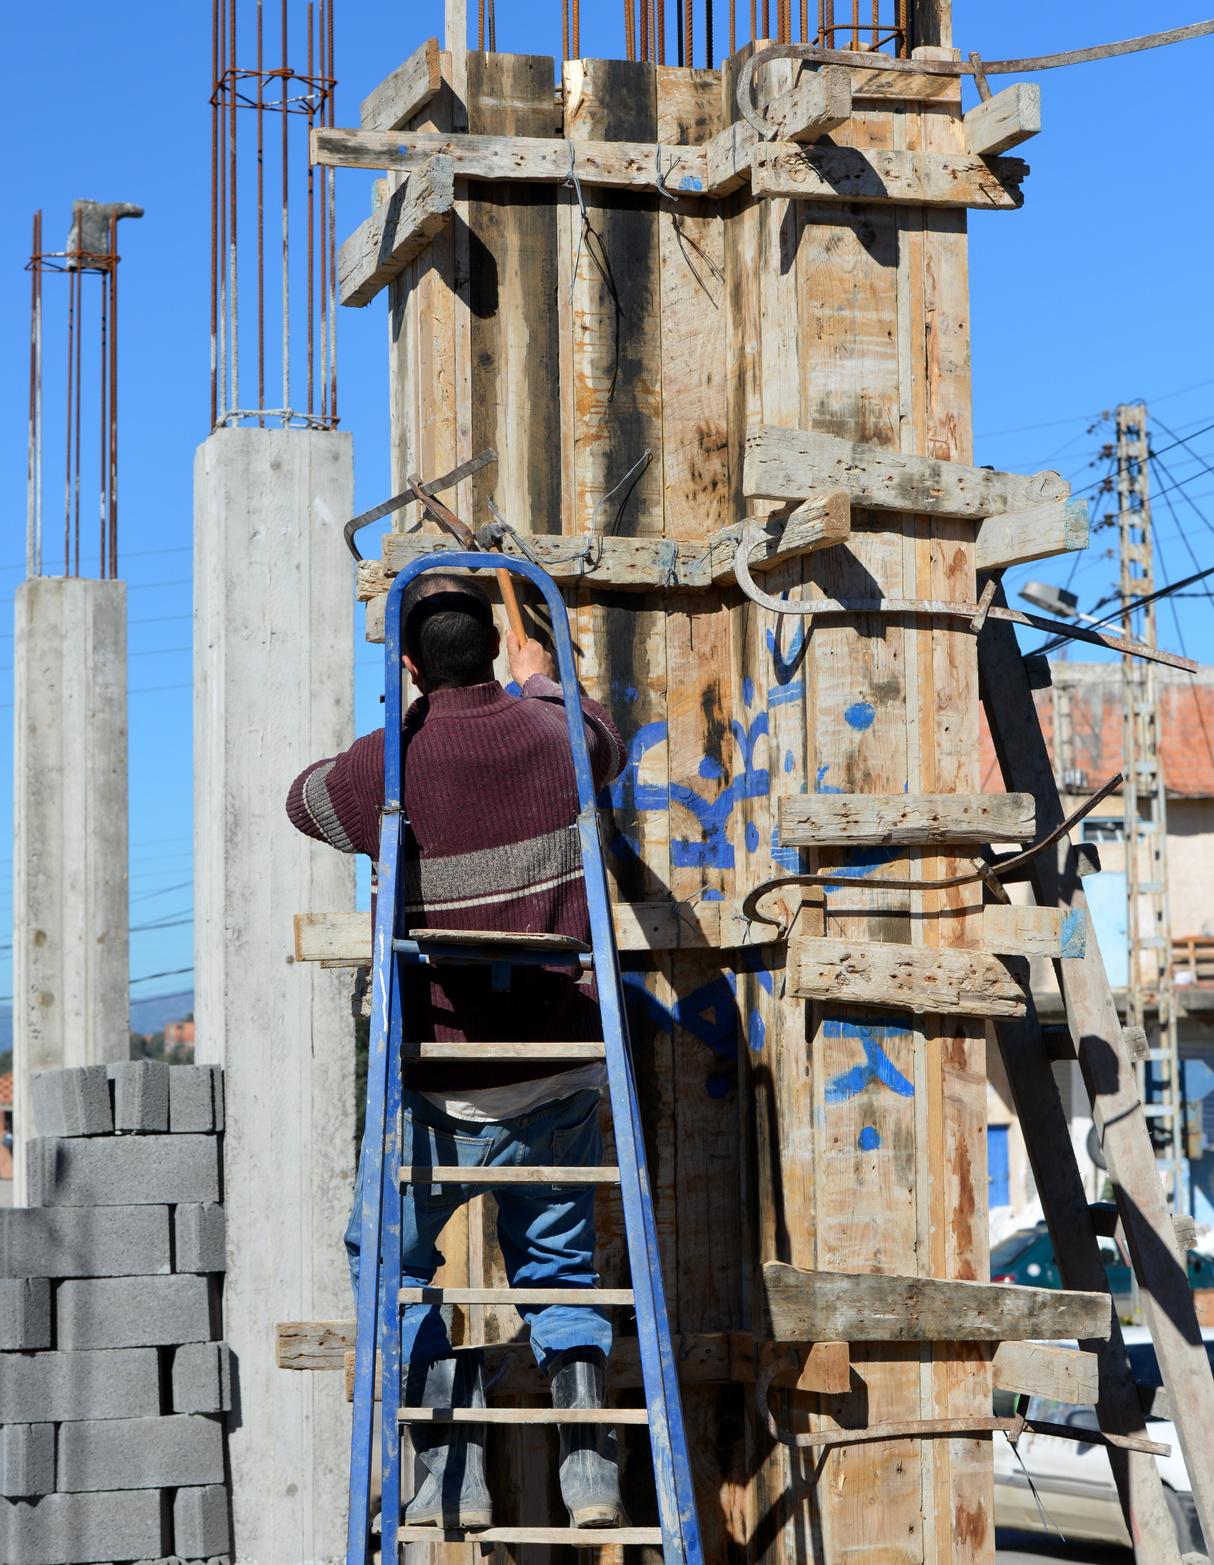 100 comment coffrer plomber couler un les fondations projet constructi - Comment couler un poteau en beton ...